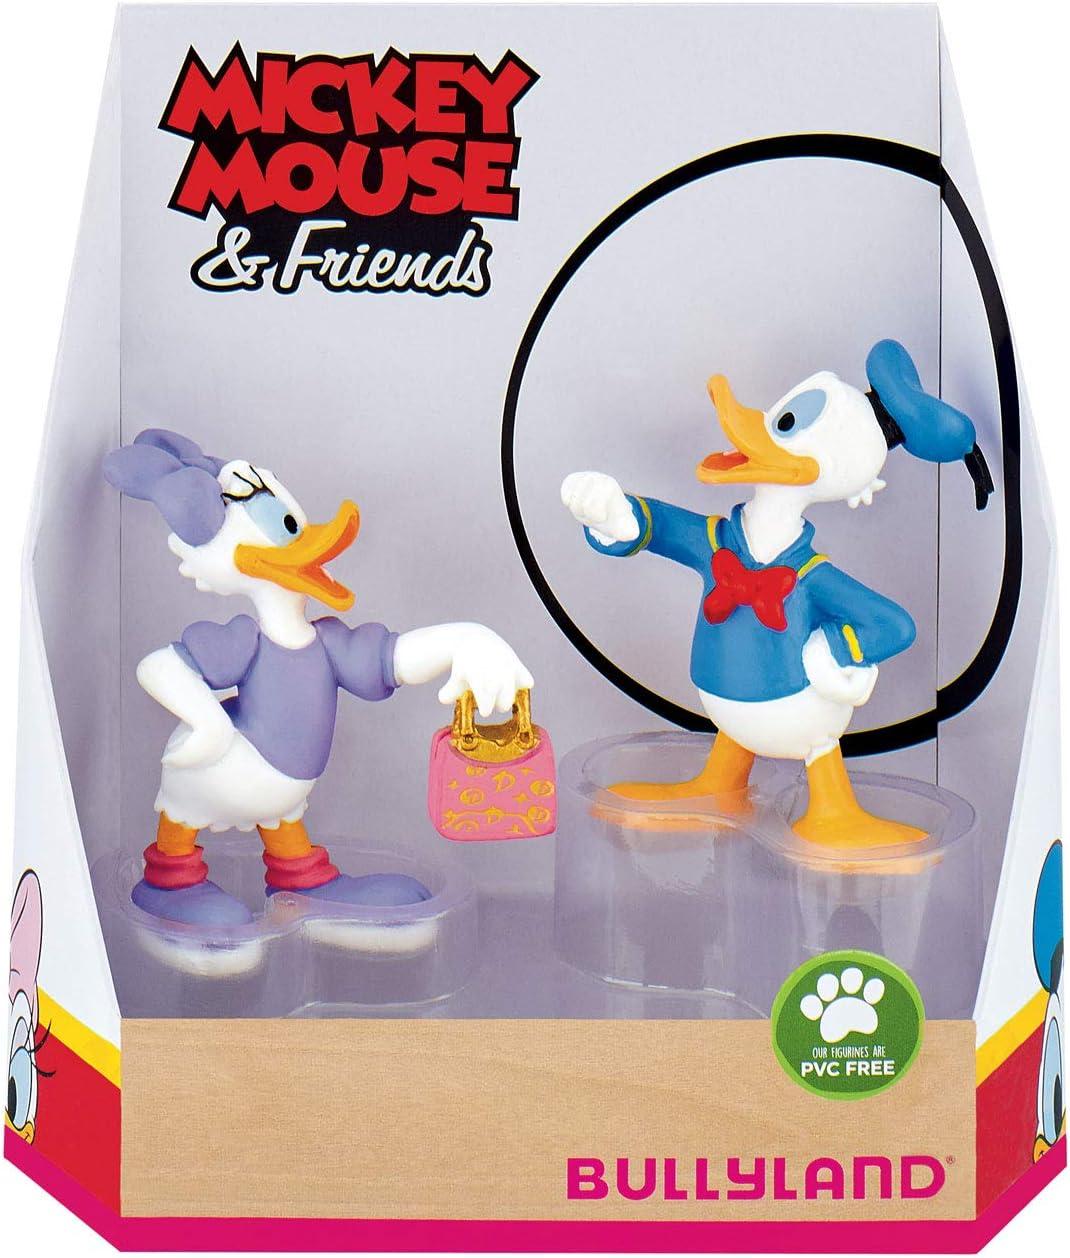 Bullyland 15084 - Juego de Figuras de Mickey Mouse de Walt Disney (Figuras pintadas a Mano, sin PVC, niños y niñas): Amazon.es: Juguetes y juegos